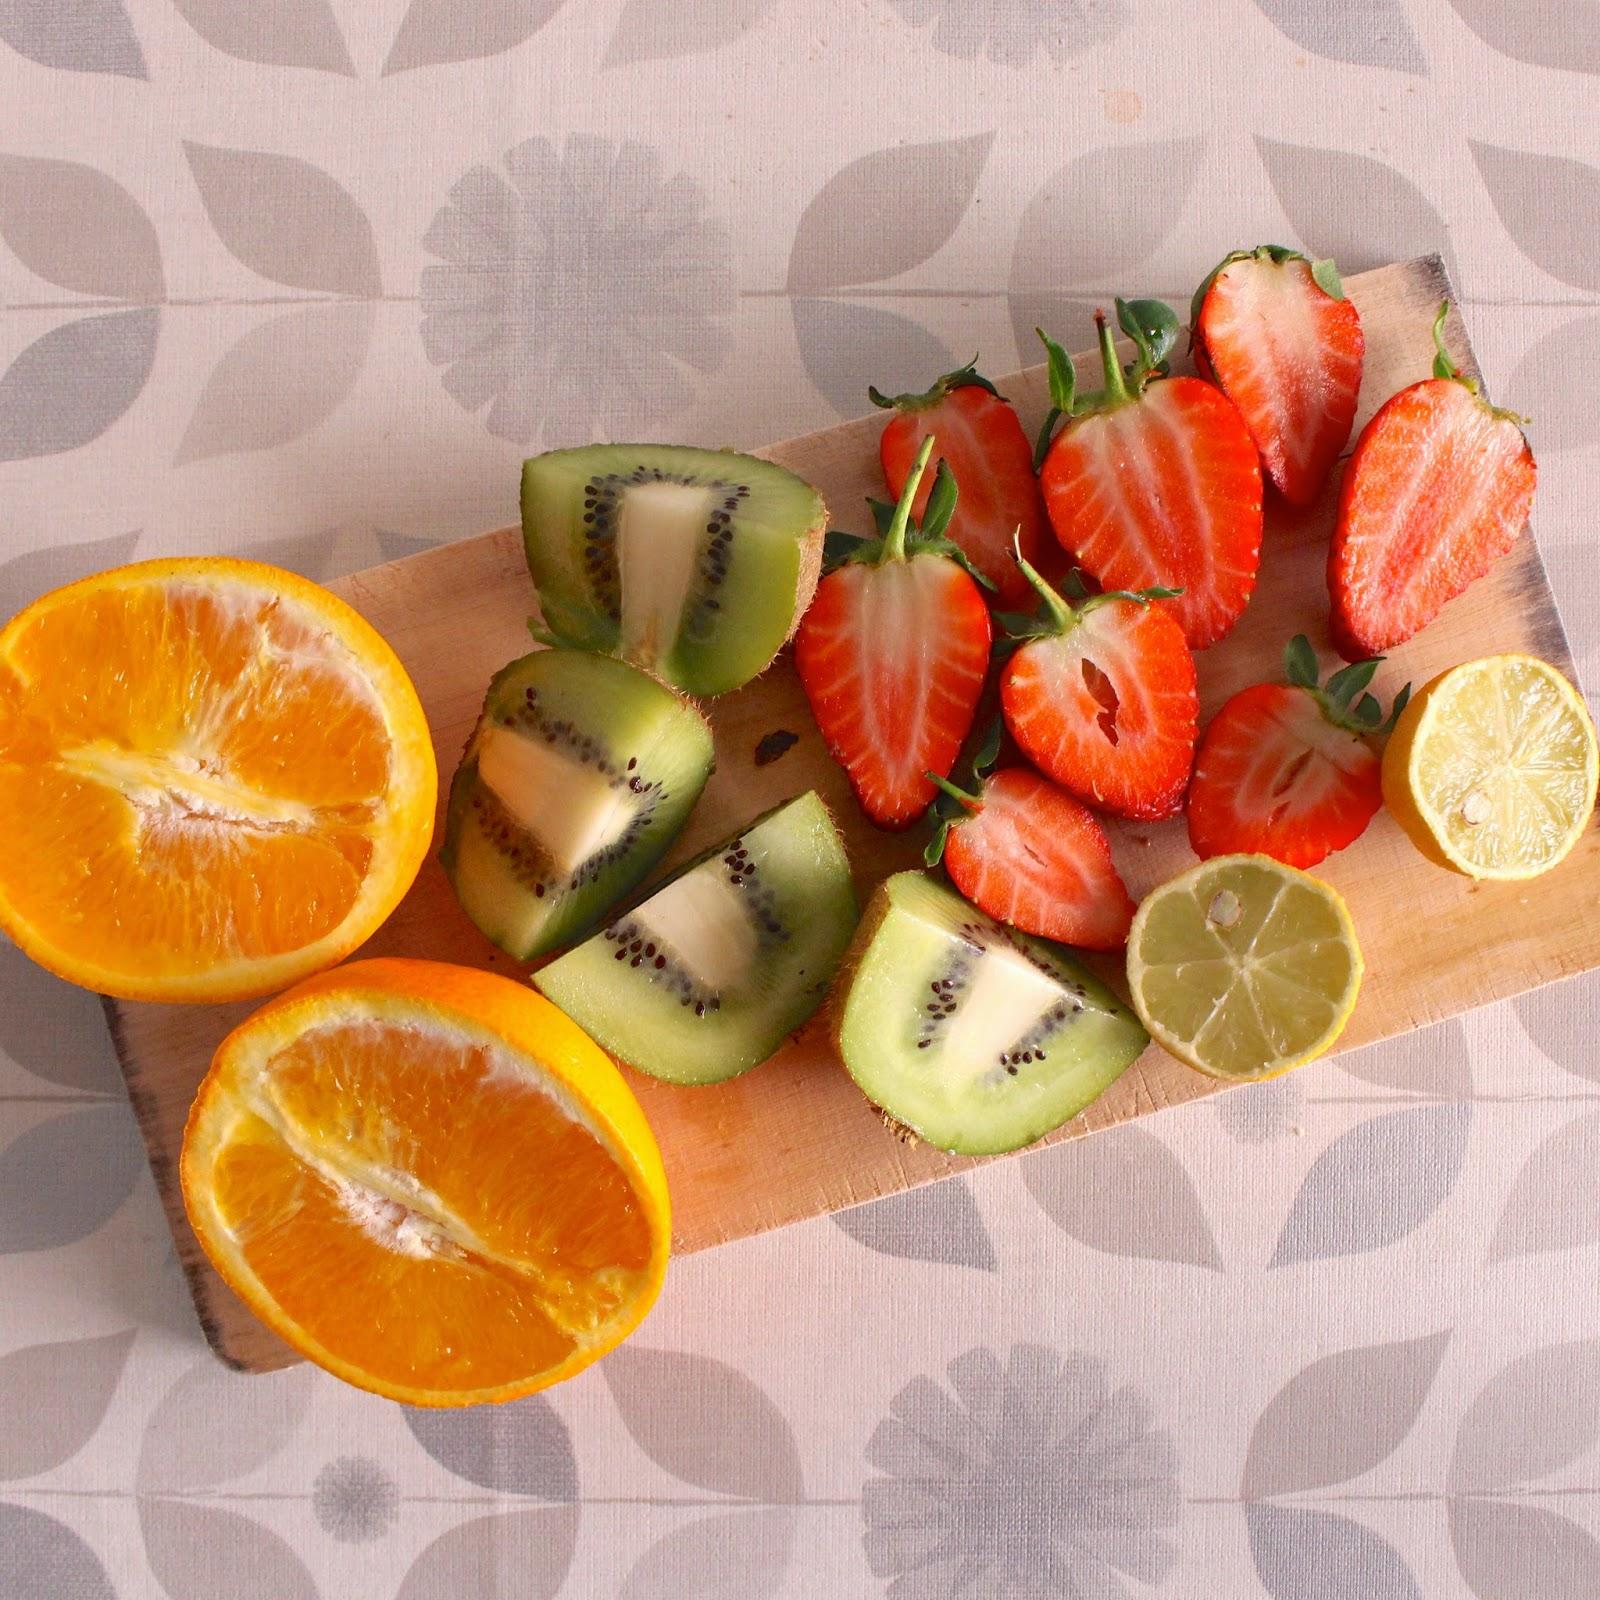 Alimentos que aumentan las plaquetas, kiwis, fresas, naranjas. Análisis de sangre, plaquetas altas, plaquetas bajas, qué significa. Mediquo, tu amigo médico. Chat médico.